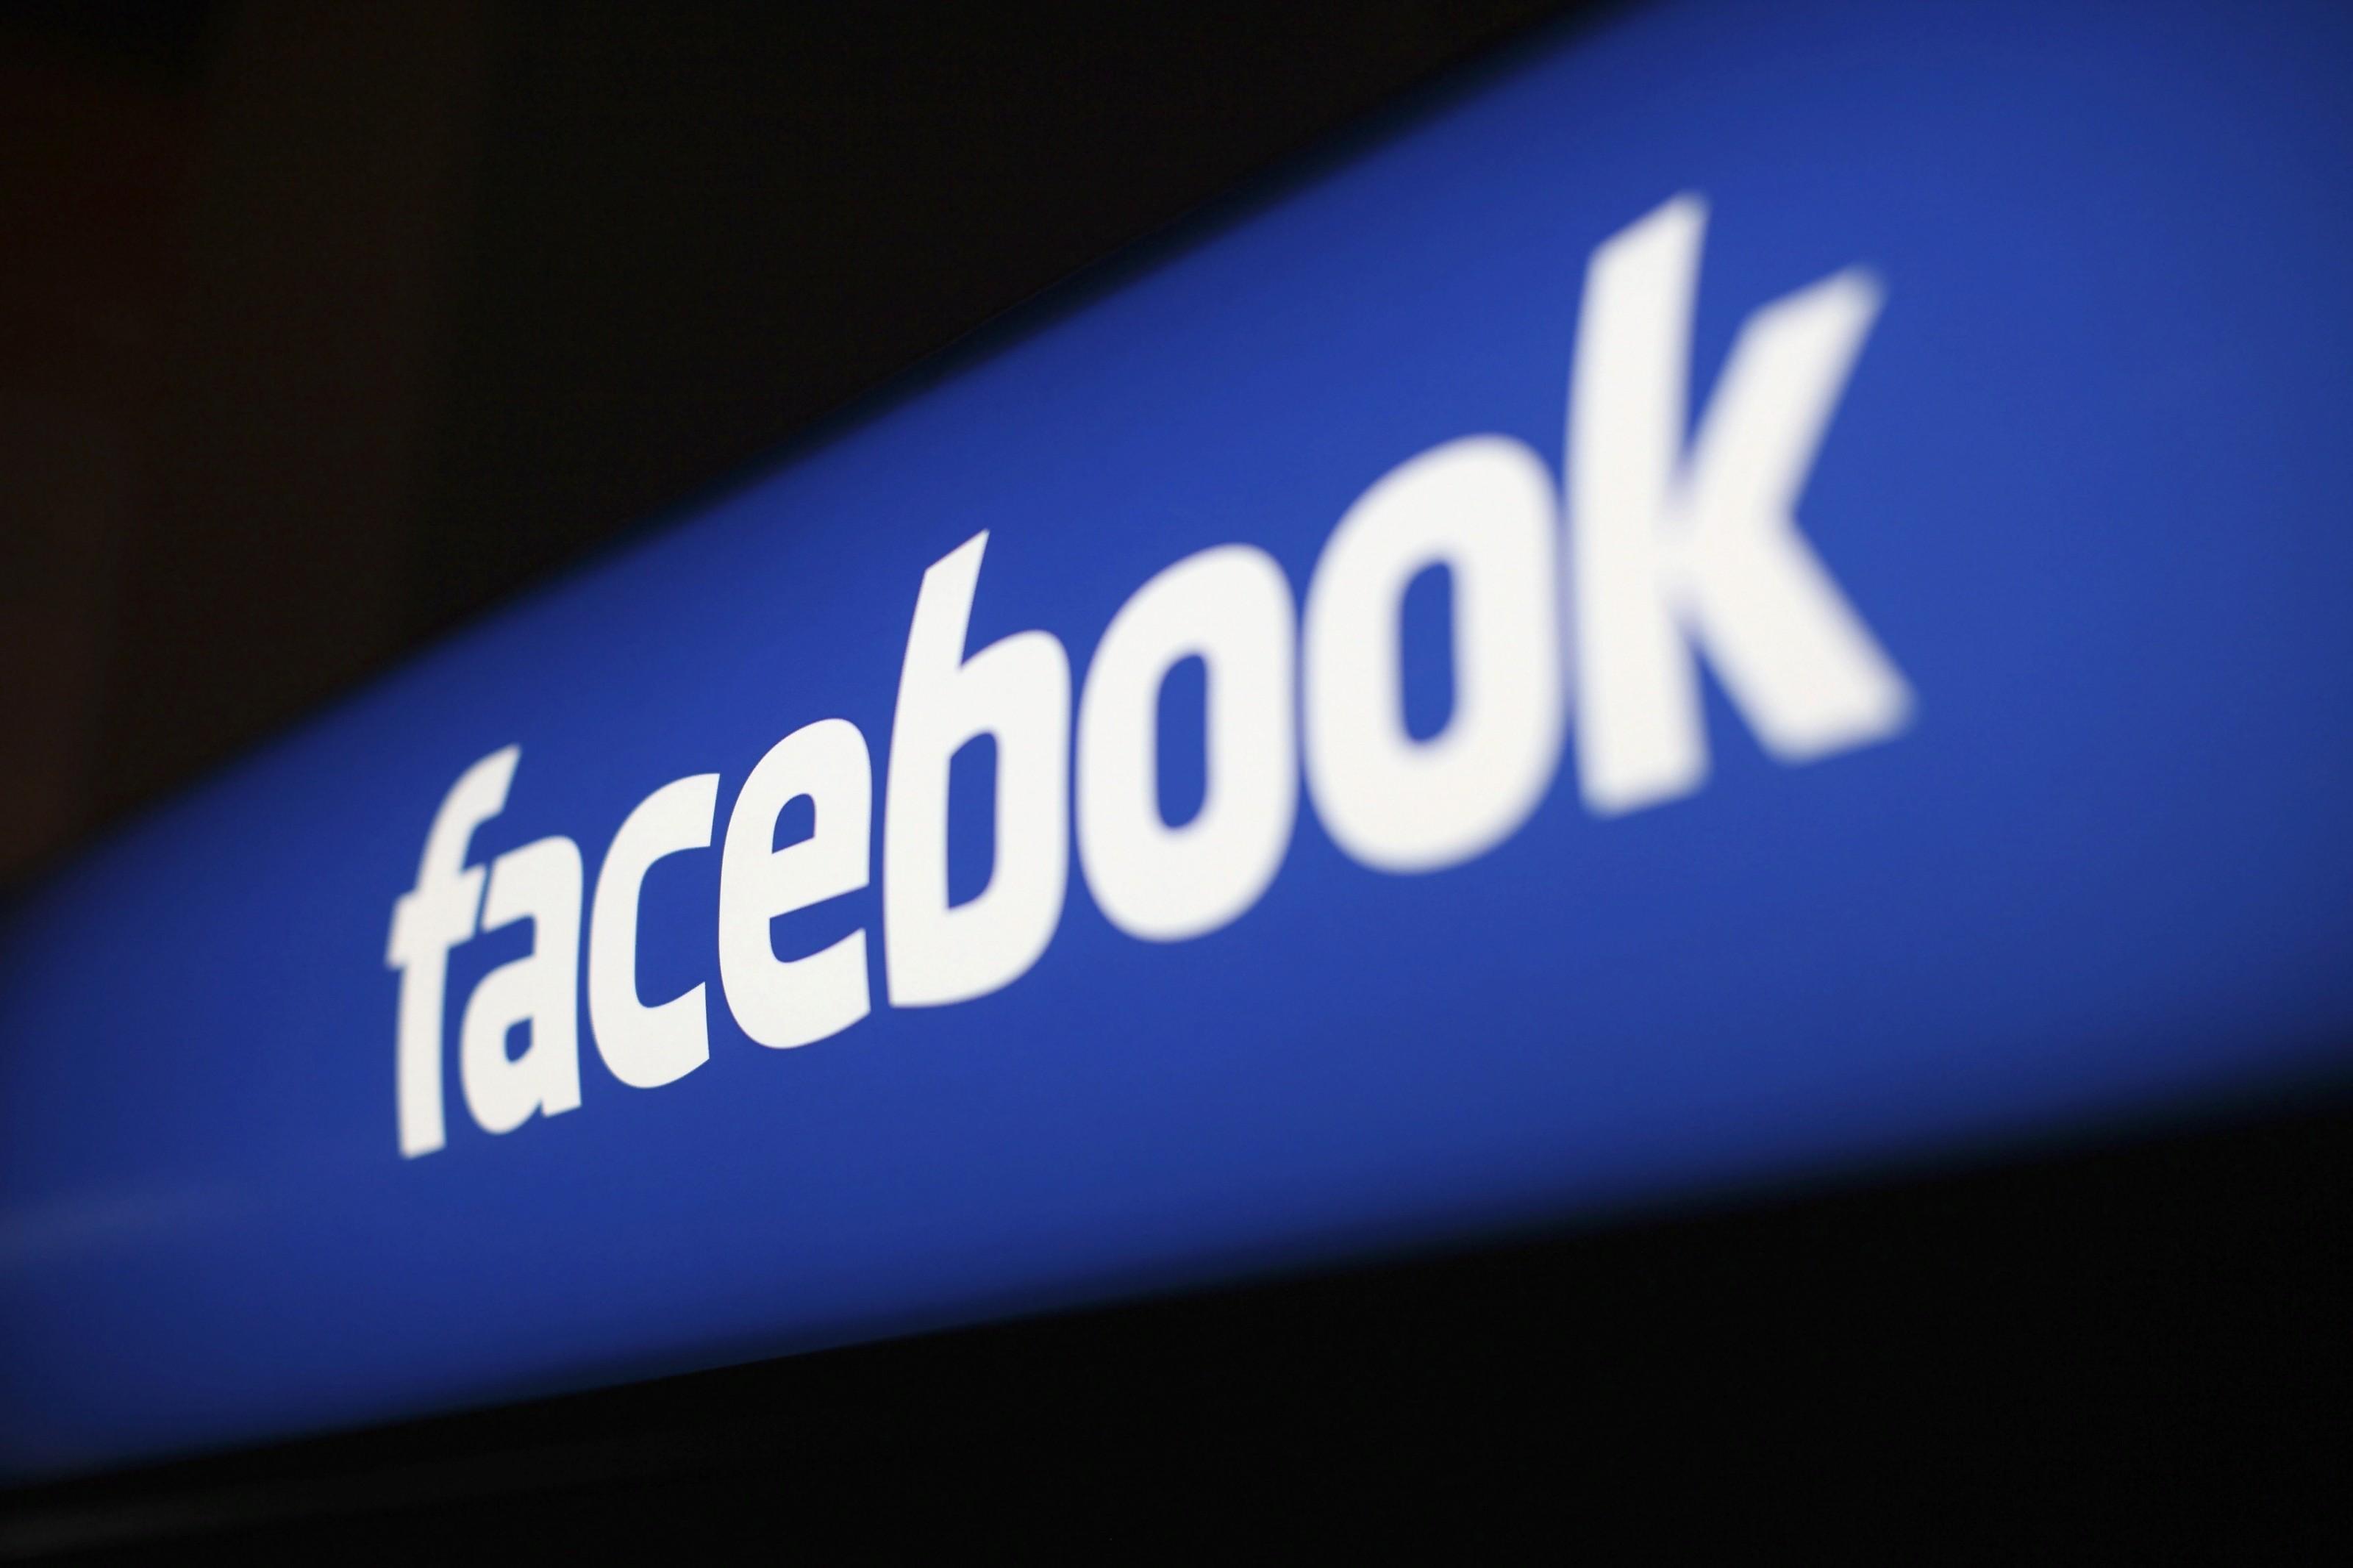 Скандалы с утечками данных окончательно лишили Фейсбук доверия пользователей